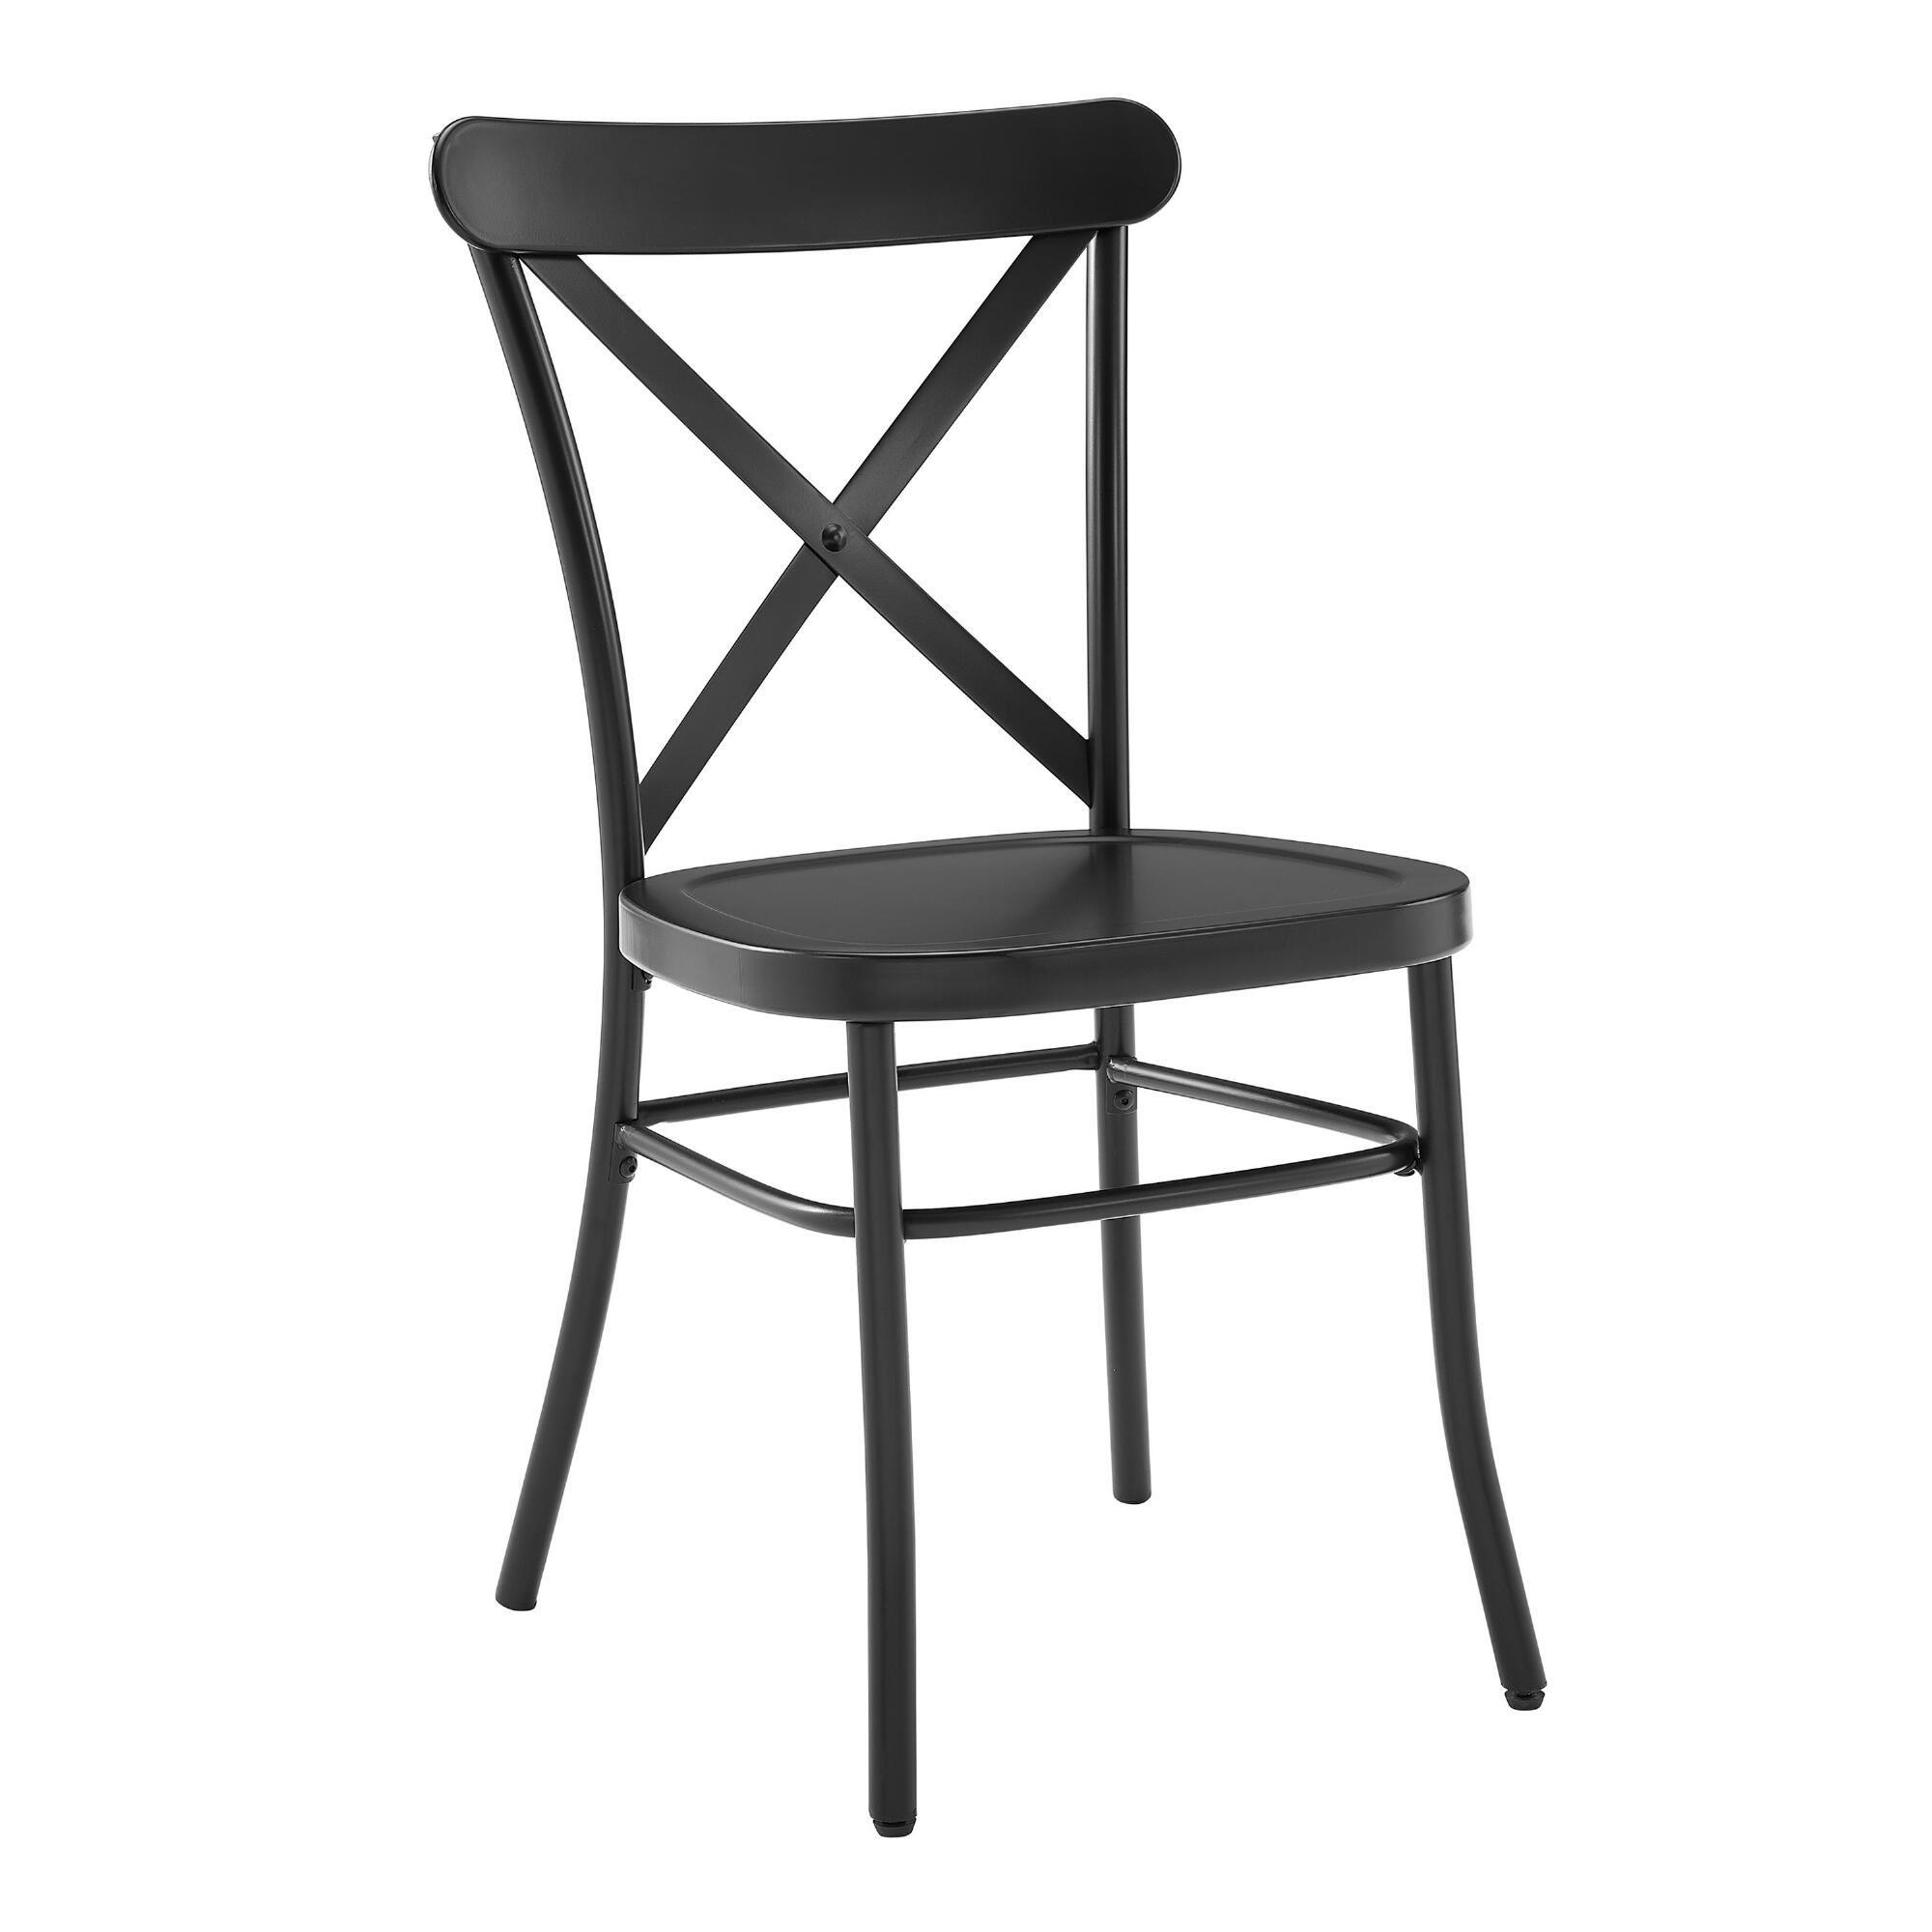 Matte Black Metal Bistro Dining Chairs Set Of 2 Metal Dining Chairs Dining Chairs Dining Chair Set